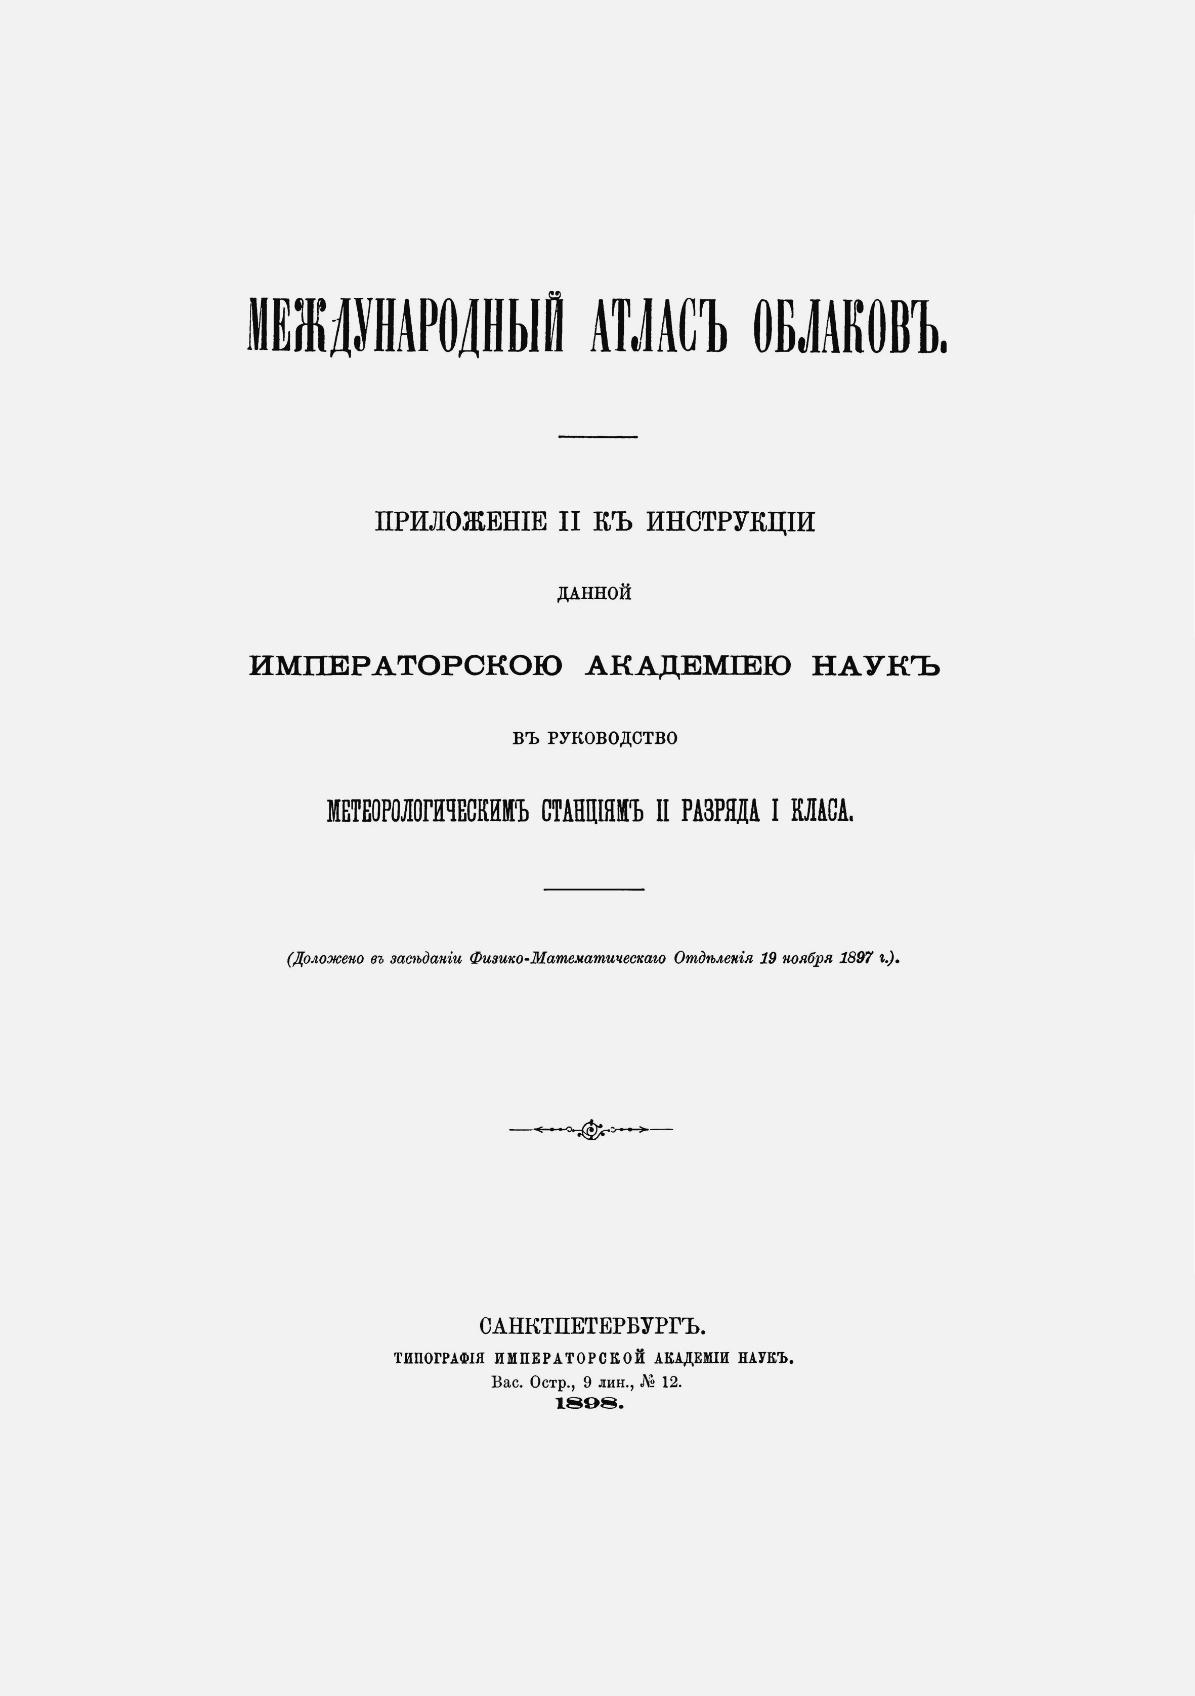 Рис. 2. Титульный лист «Международного атласа облаков», 1898 г.